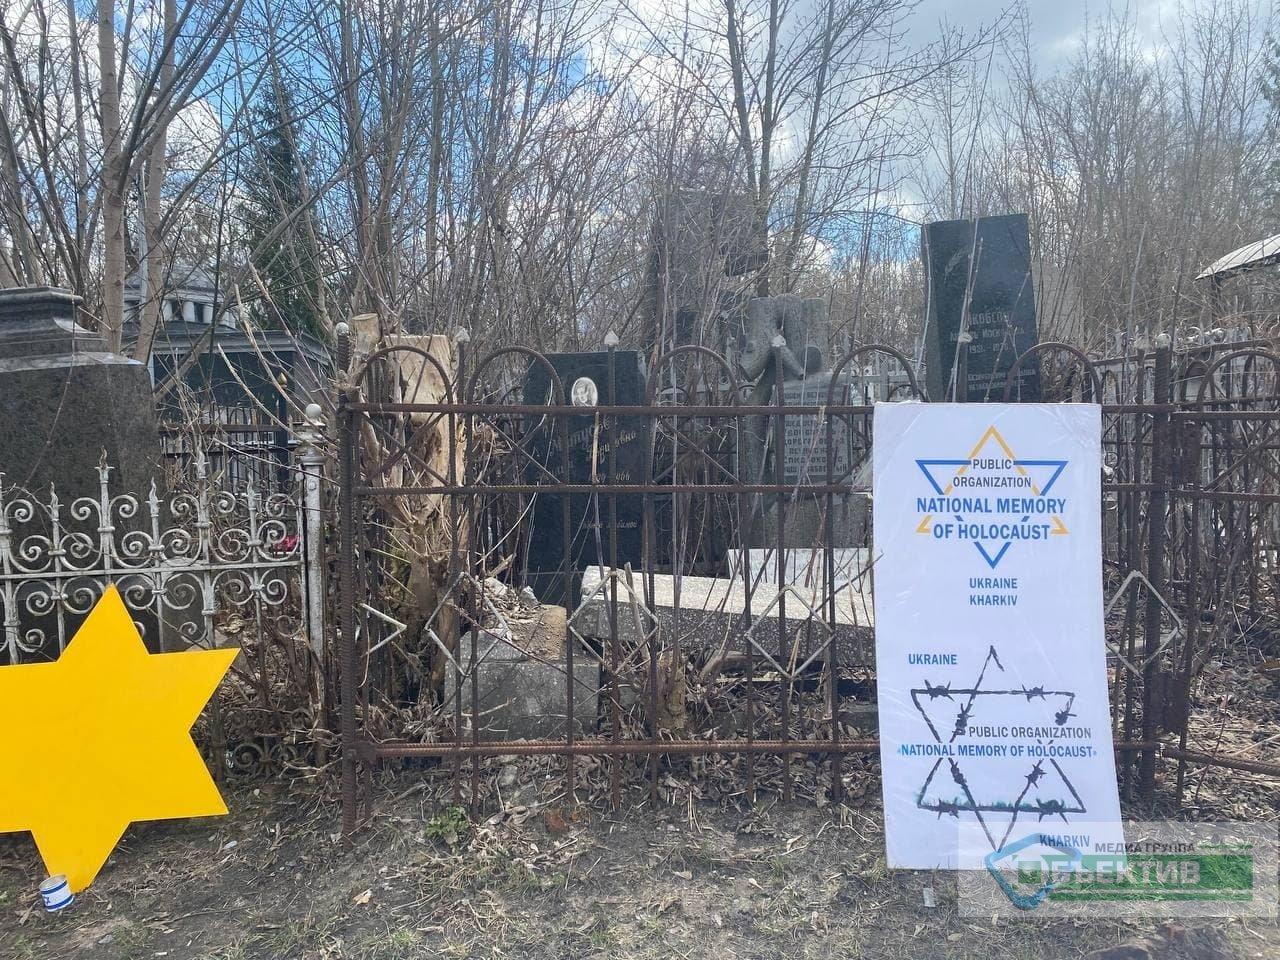 В Харькове почтили память жертв Холокоста (фото)